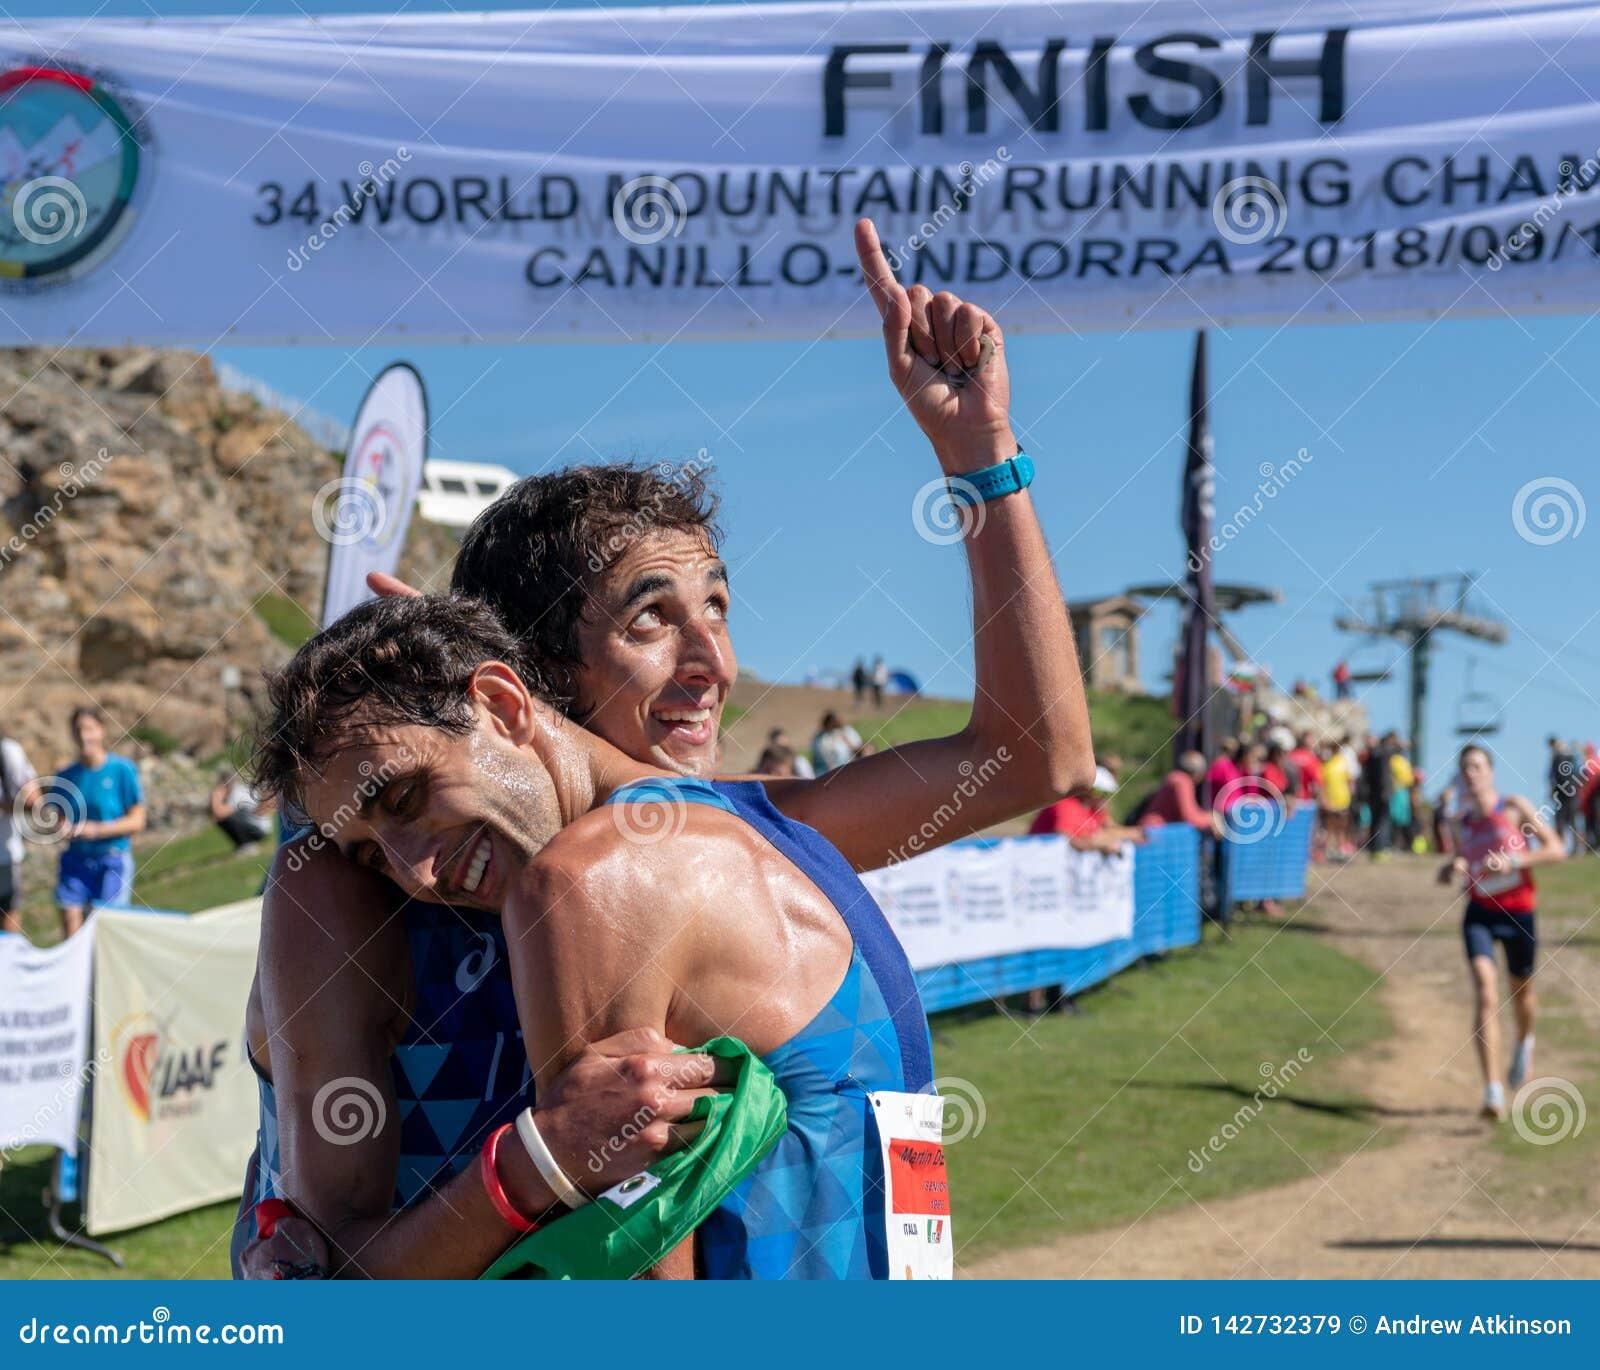 Nummer Eins! Weltgebirgslaufendes Meisterschafts-Rennende - Italiener feiern ihre Leistung